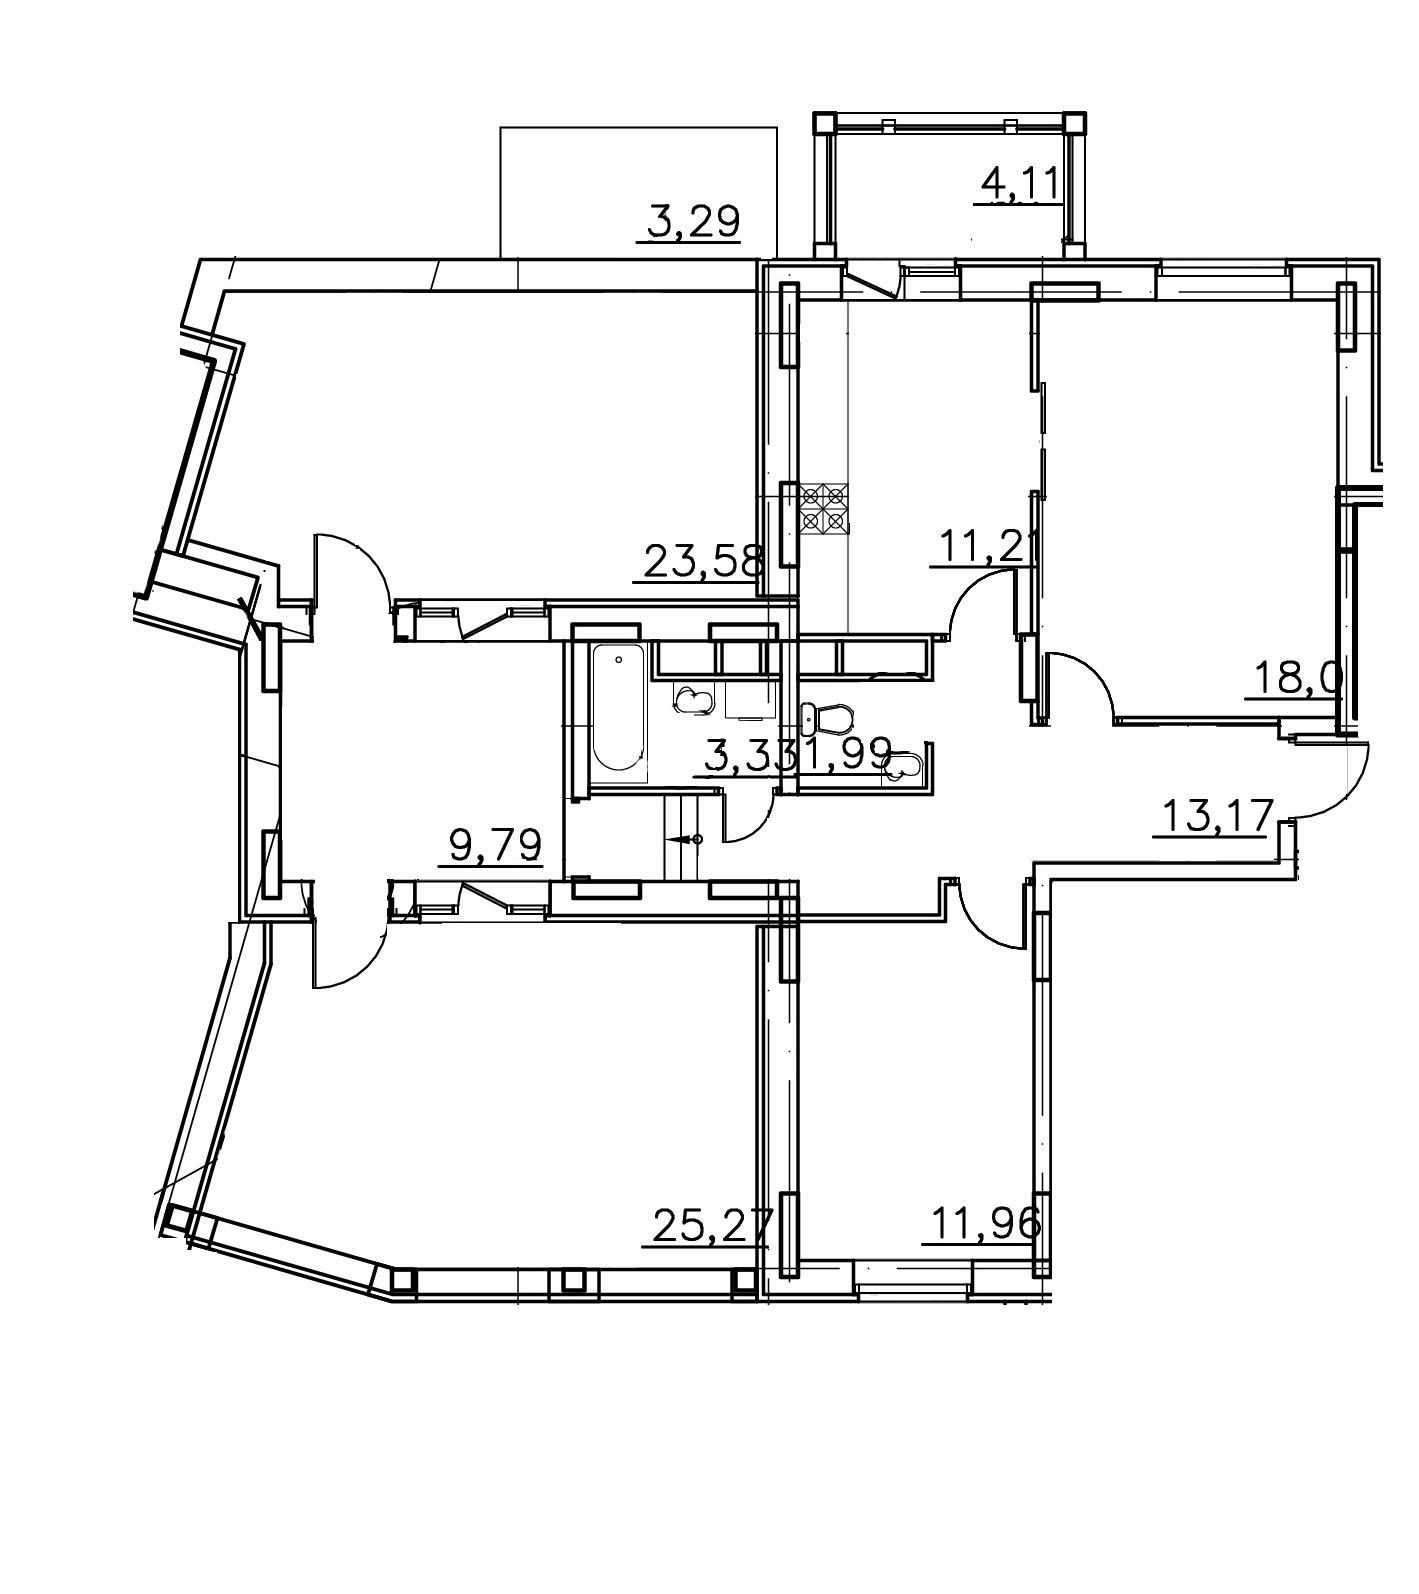 2-комнатная квартира в Митино О2, дом №14, квартира №14-023